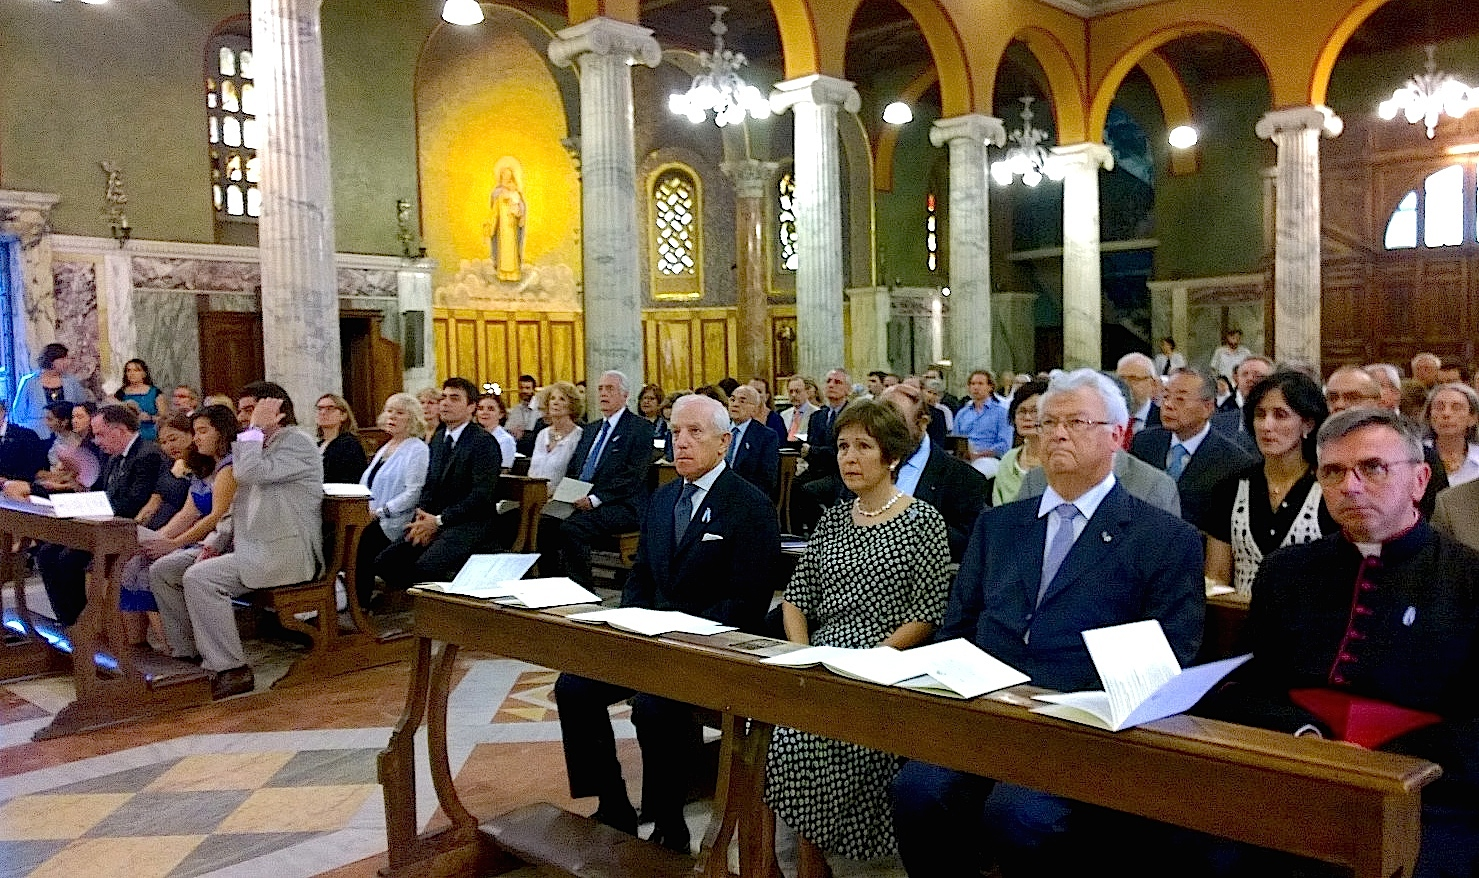 Misa en la Iglesia Argentina en Roma, con motivo del bicentenario (Foto ZENIT cc)